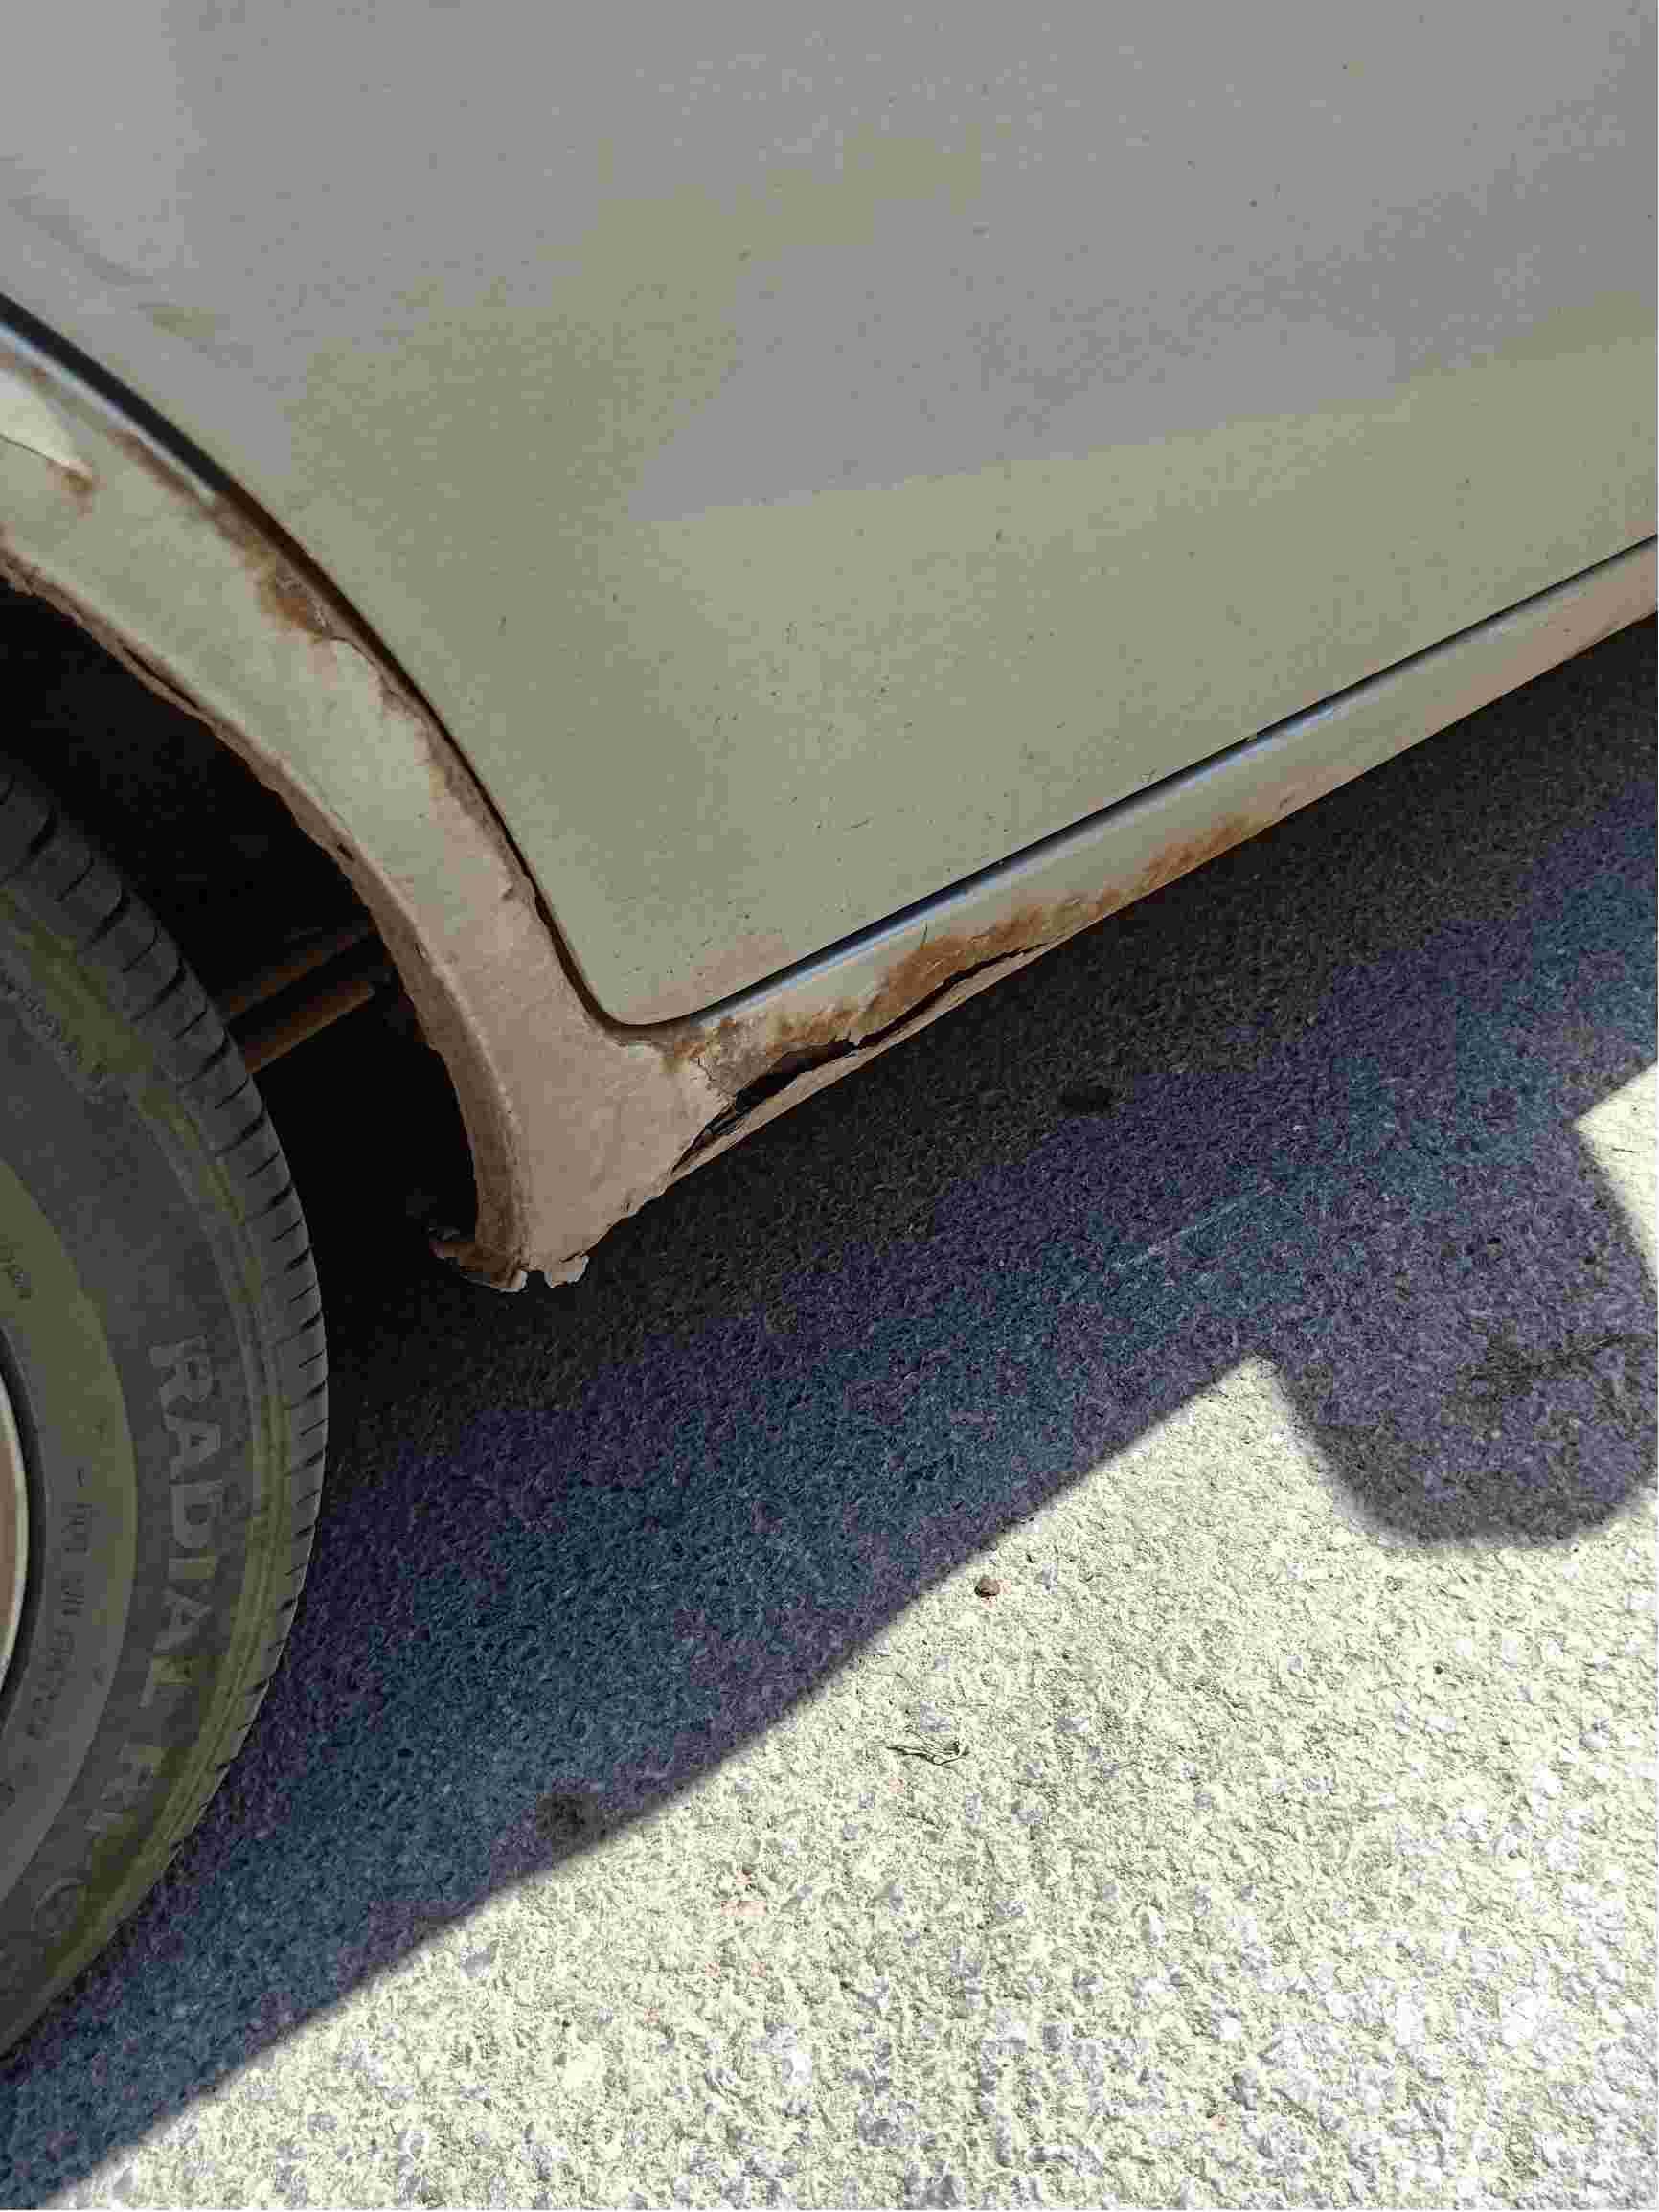 汽车车身锈迹斑斑,找谁来解决。